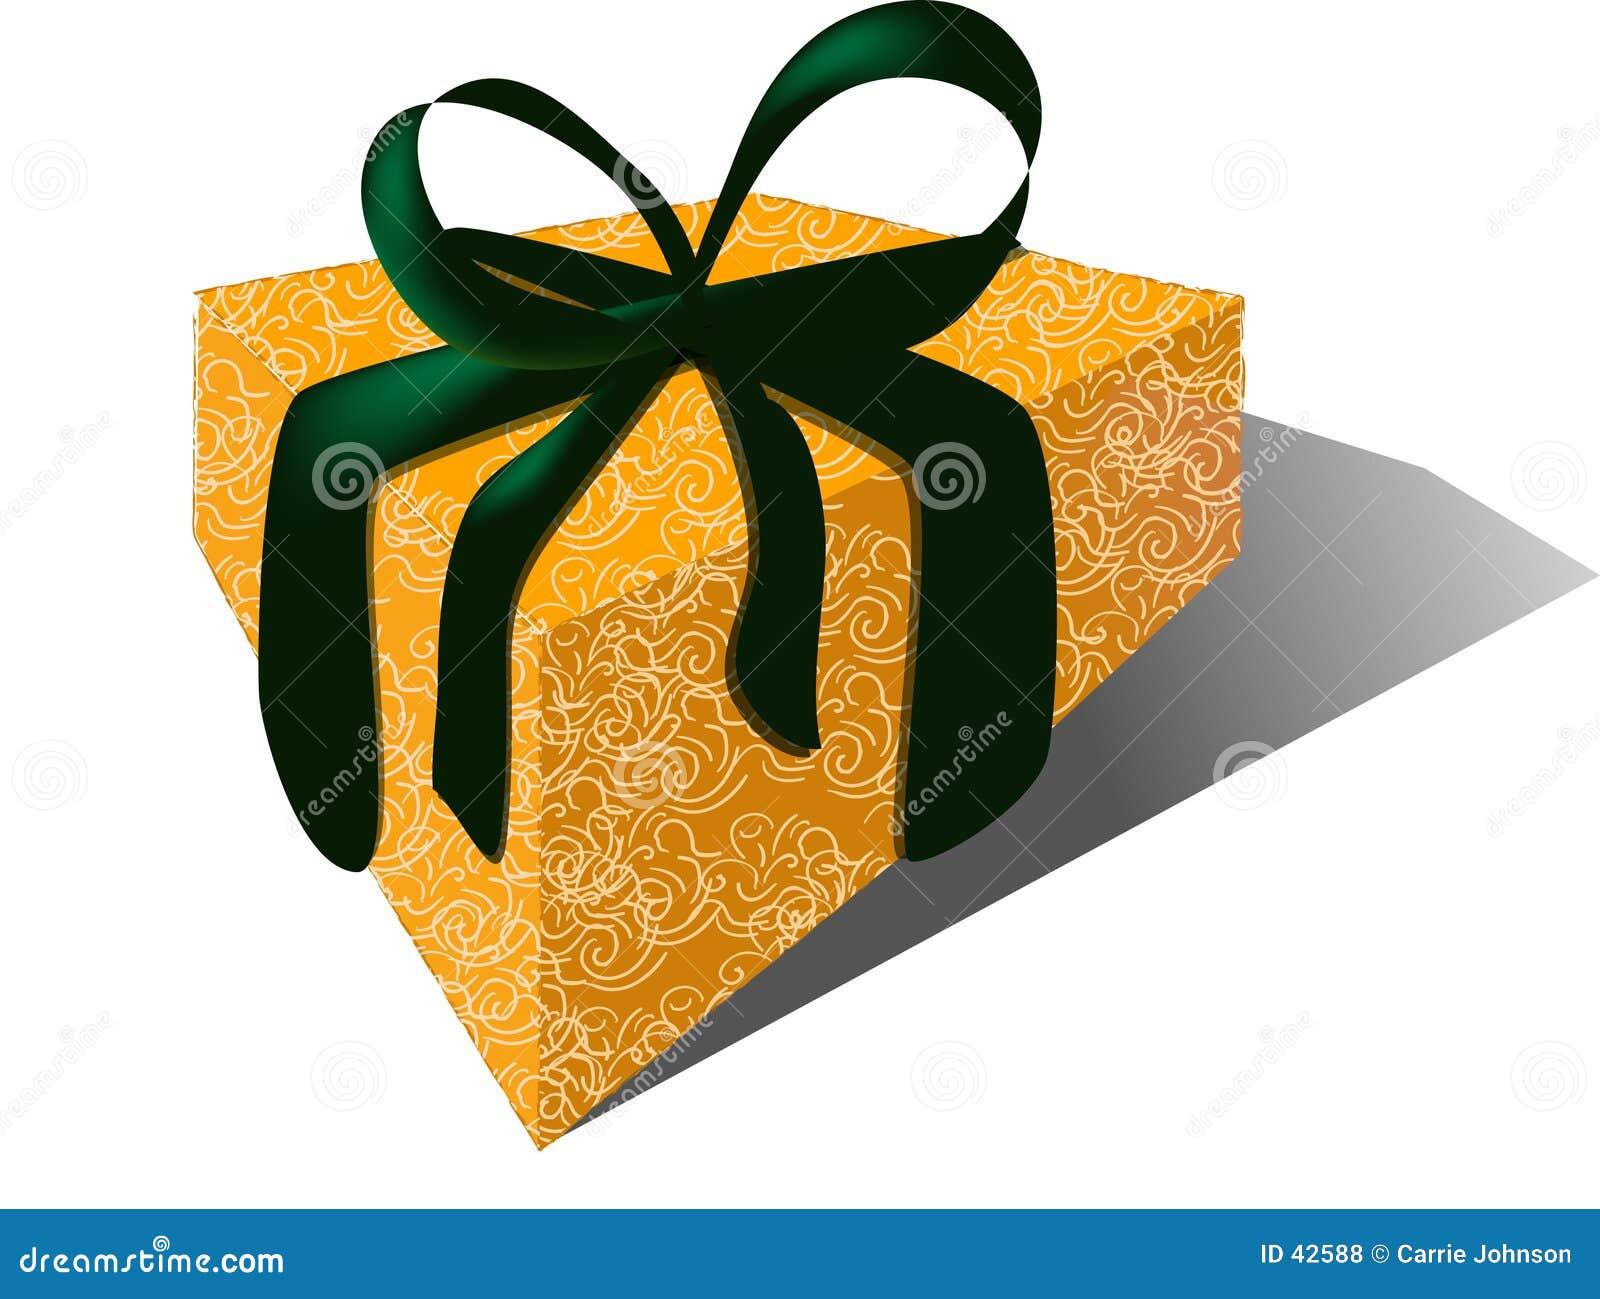 Geschenk mit Samt-Farbband u. Brokat-Verpackung